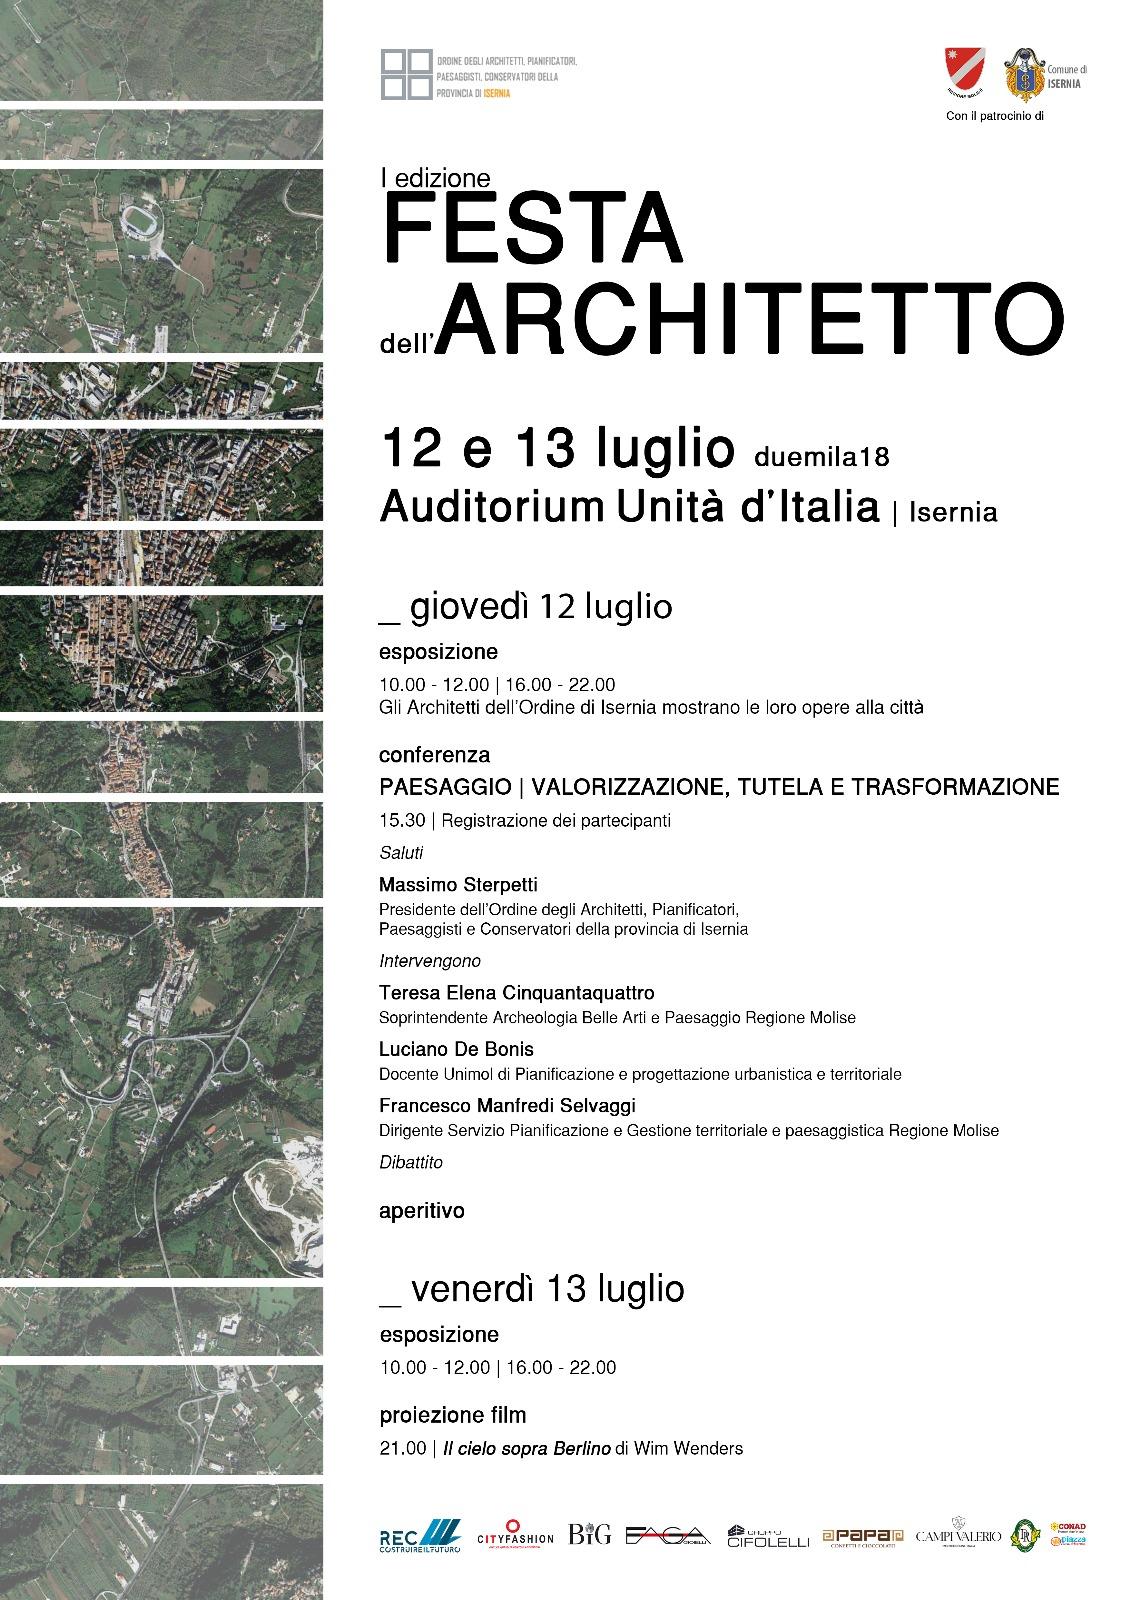 Festa Architetto 1^ Edizione - Locandina